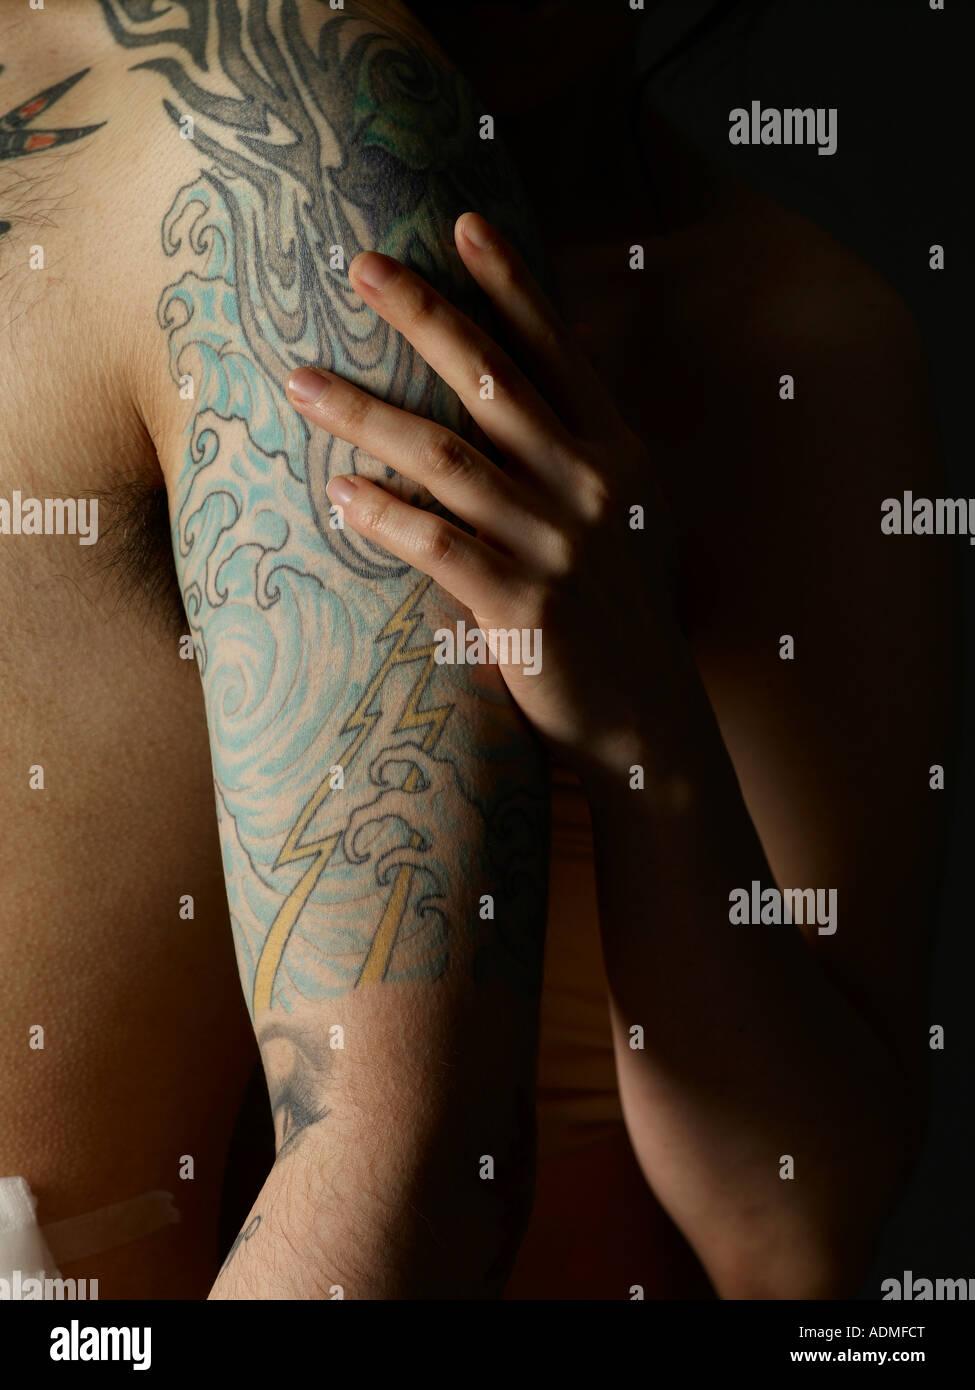 La Main De Femme Sur Les Bras De L Homme Aux Tatouages Banque D